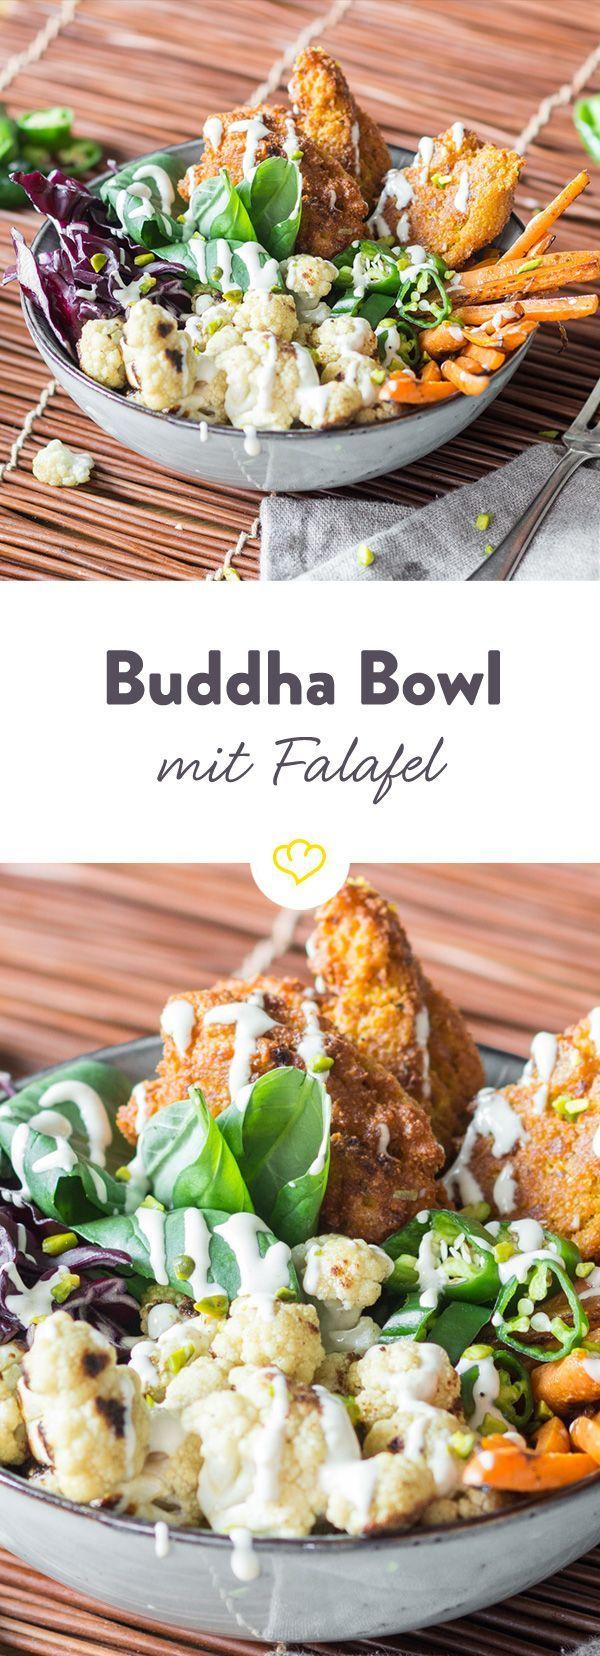 Was ist bunt, gesund und vollgepackt mit leckeren, warmen Sattmachern? Na diese großartige Buddha Bowl mit Ofengemüse, Falafelbällchen und zartem Spinat.